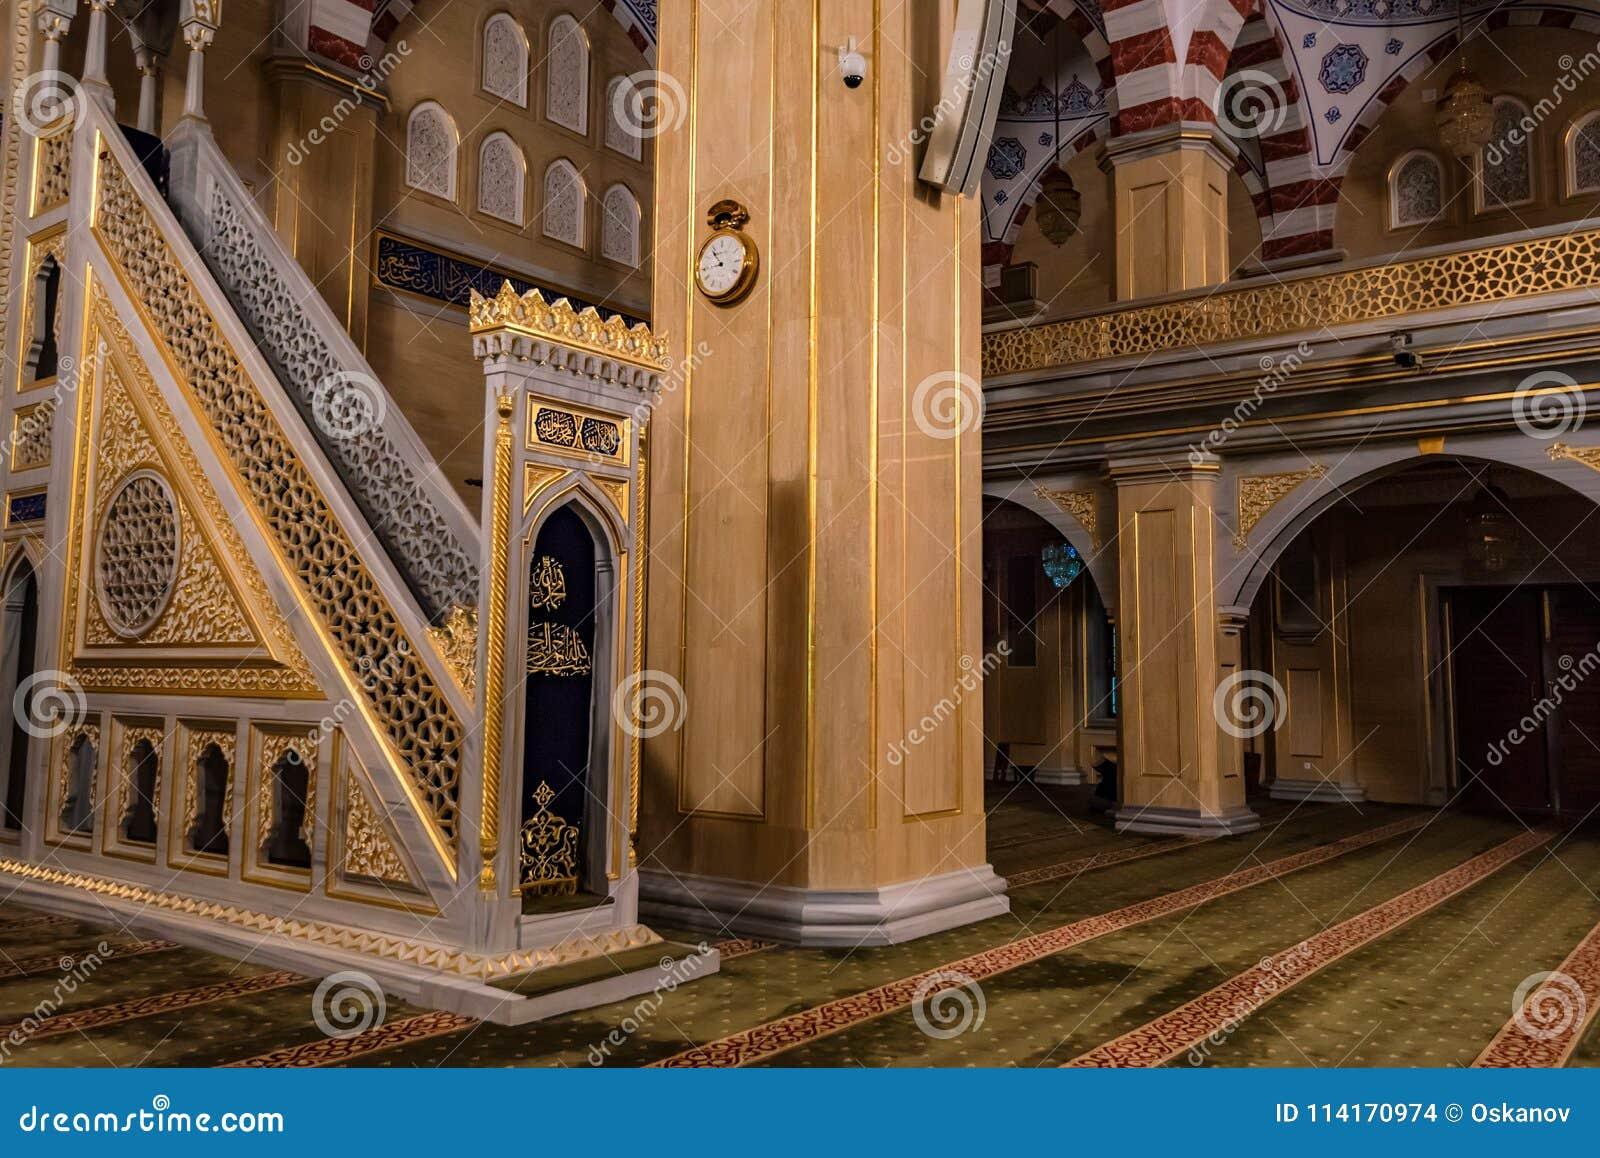 ΓΚΡΟΖΝΥ, ΡΩΣΙΑ - 9 ΙΟΥΛΊΟΥ 2017: Εσωτερικό μουσουλμανικό τέμενος Akhmad Kadyrov στο Γκρόζνυ, Ρωσία